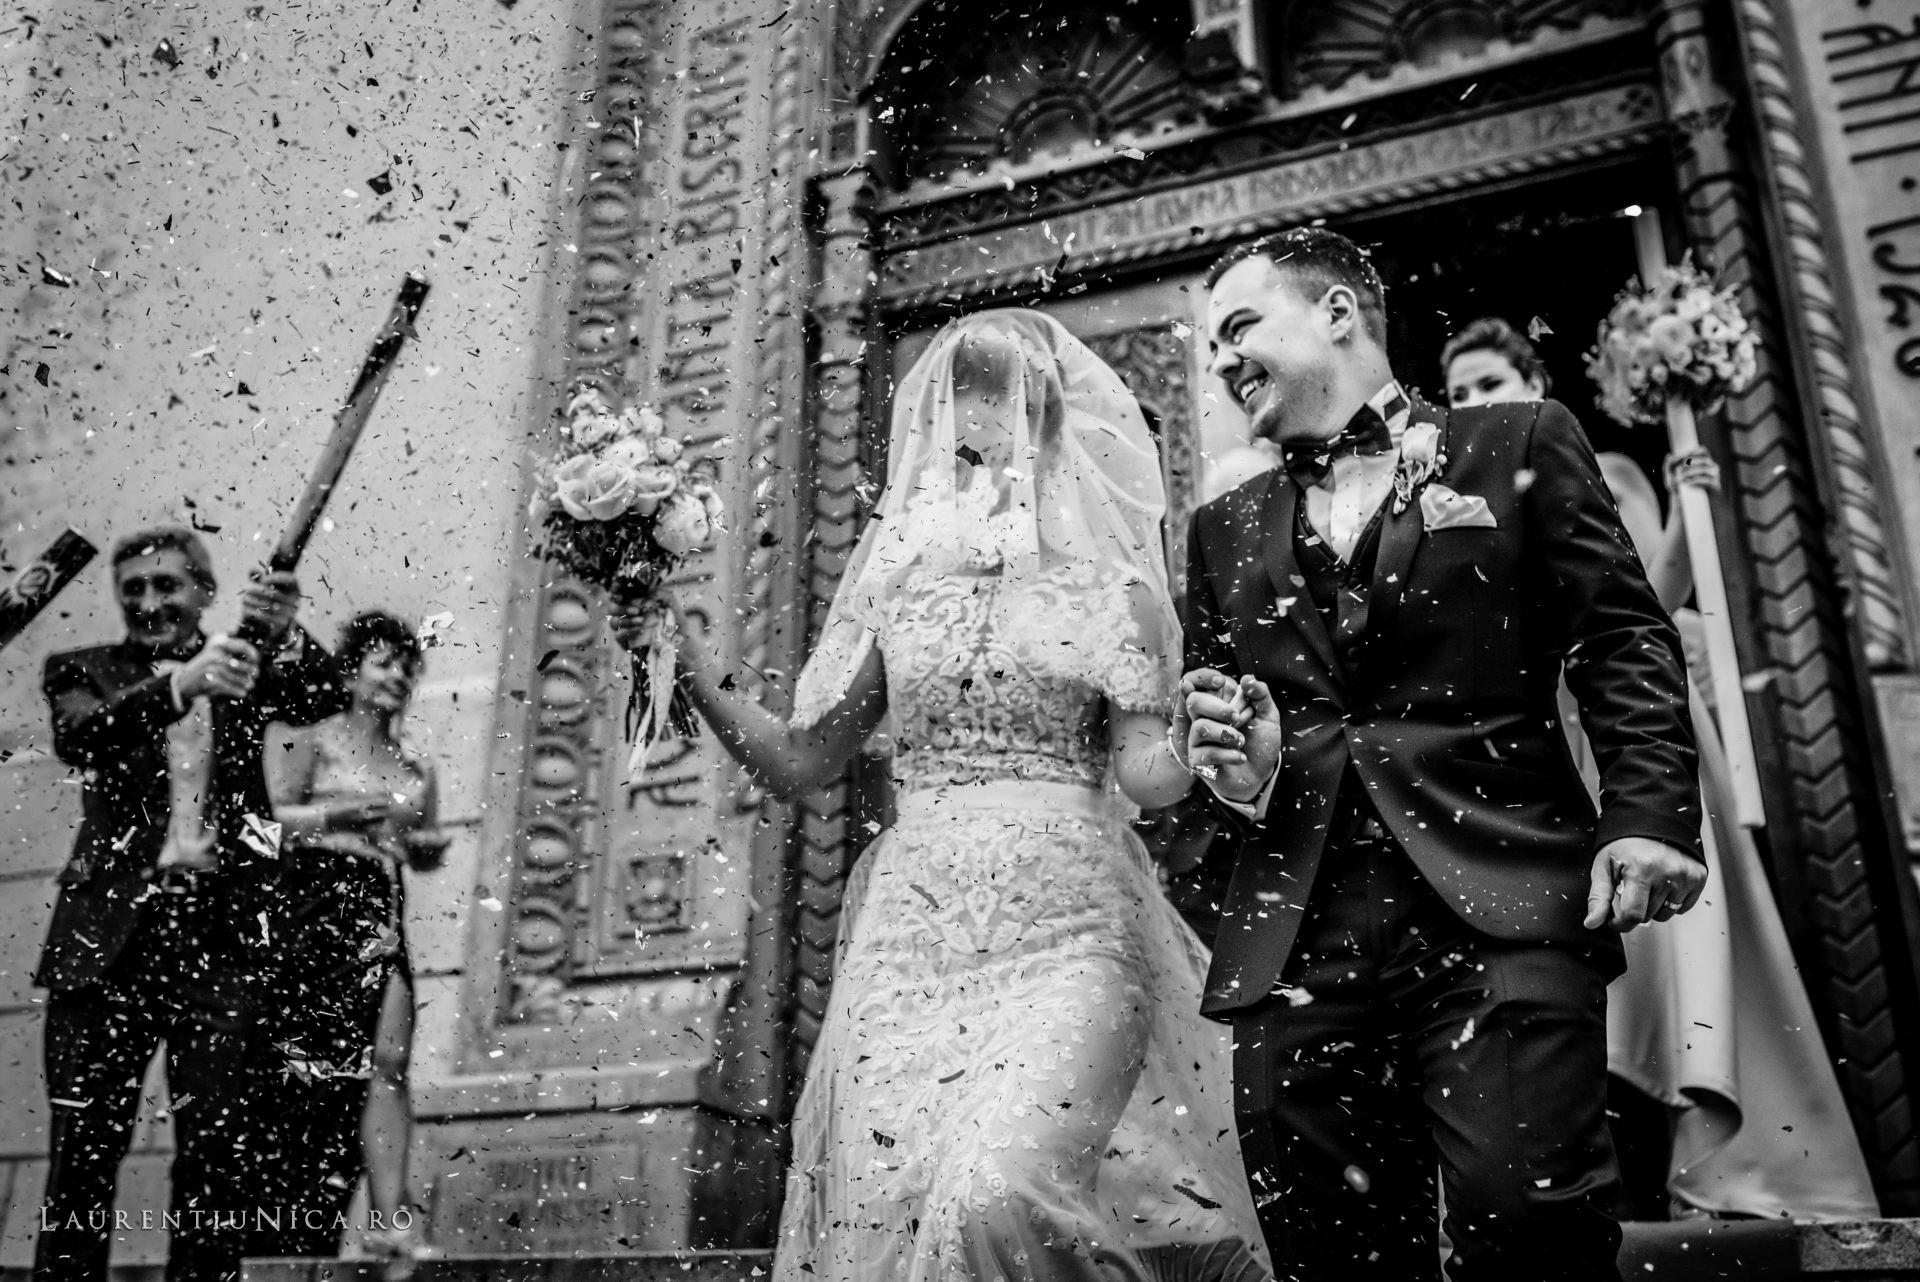 denisa si catalin fotograf nunta laurentiu nica craiova 55 - Denisa si Catalin | Fotografii nunta | Craiova